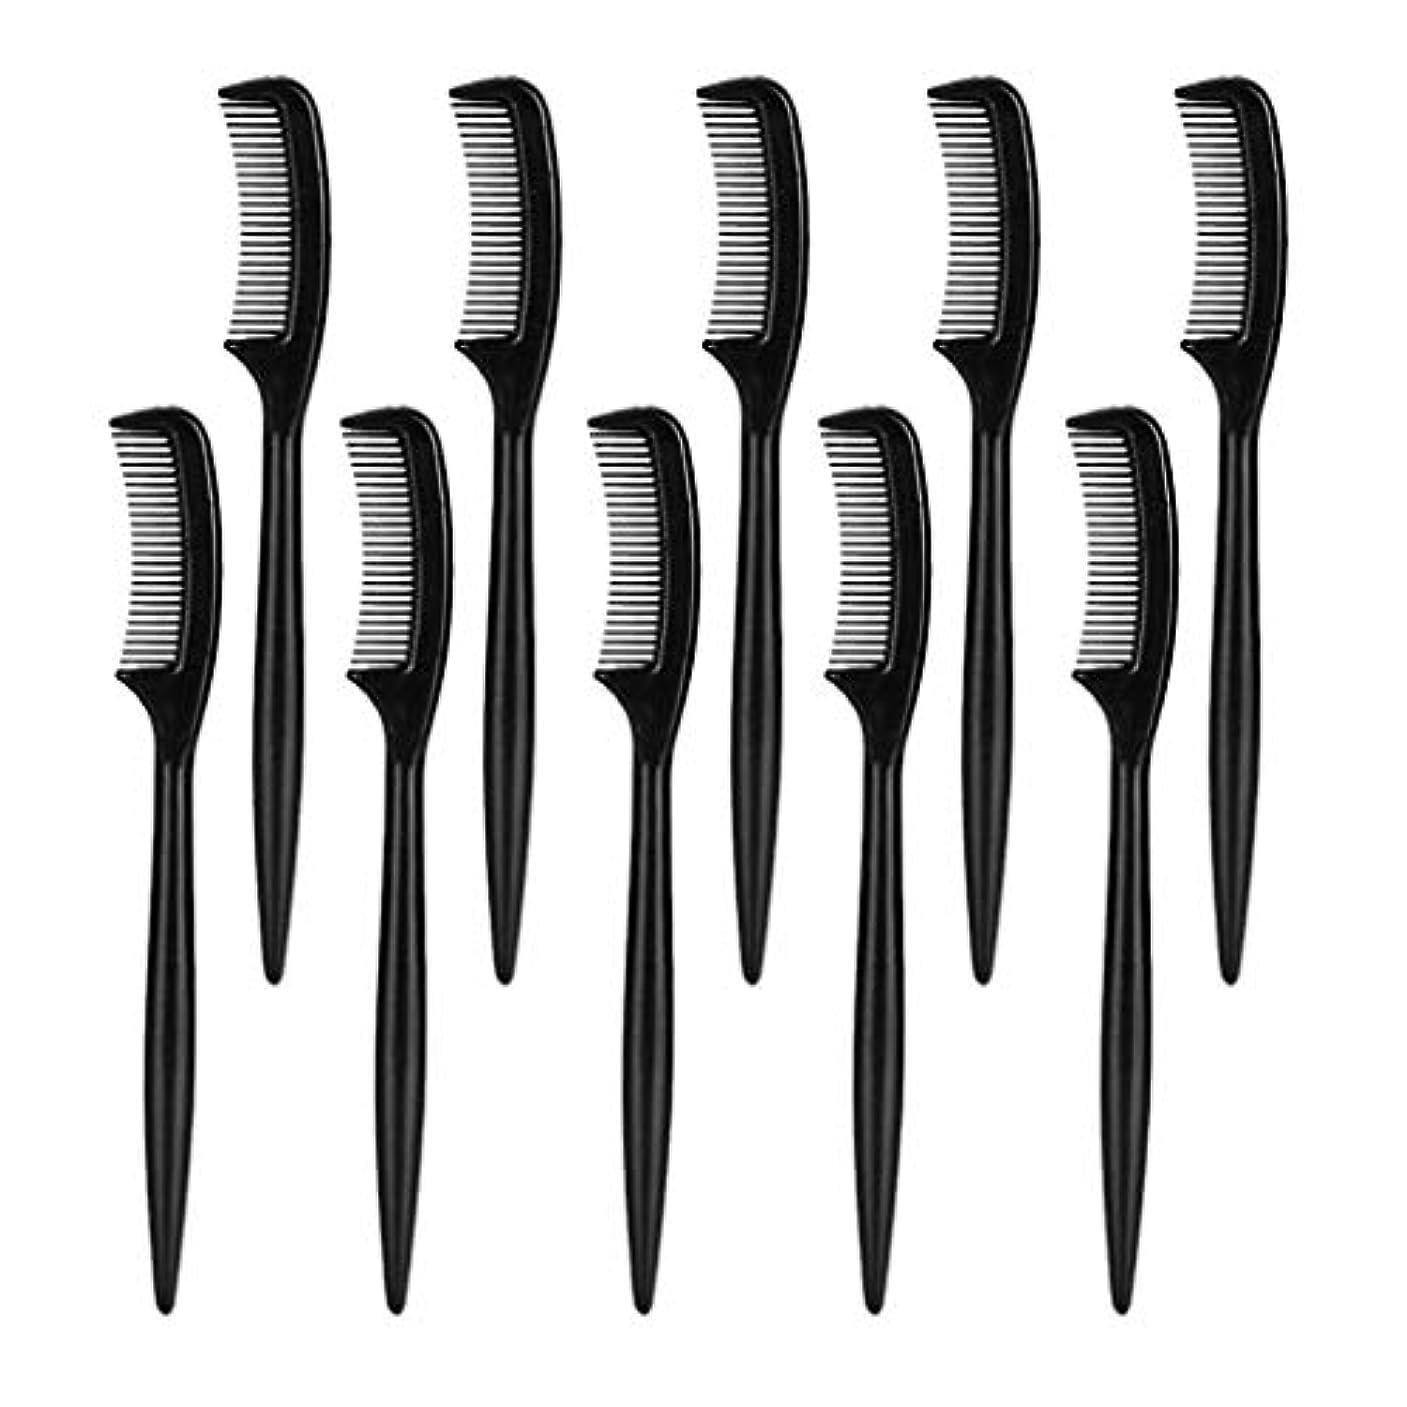 権限を与える精神医学内陸美容院の家の使用のための10部分のまつげ眉毛の使い捨て可能な櫛のブラシ